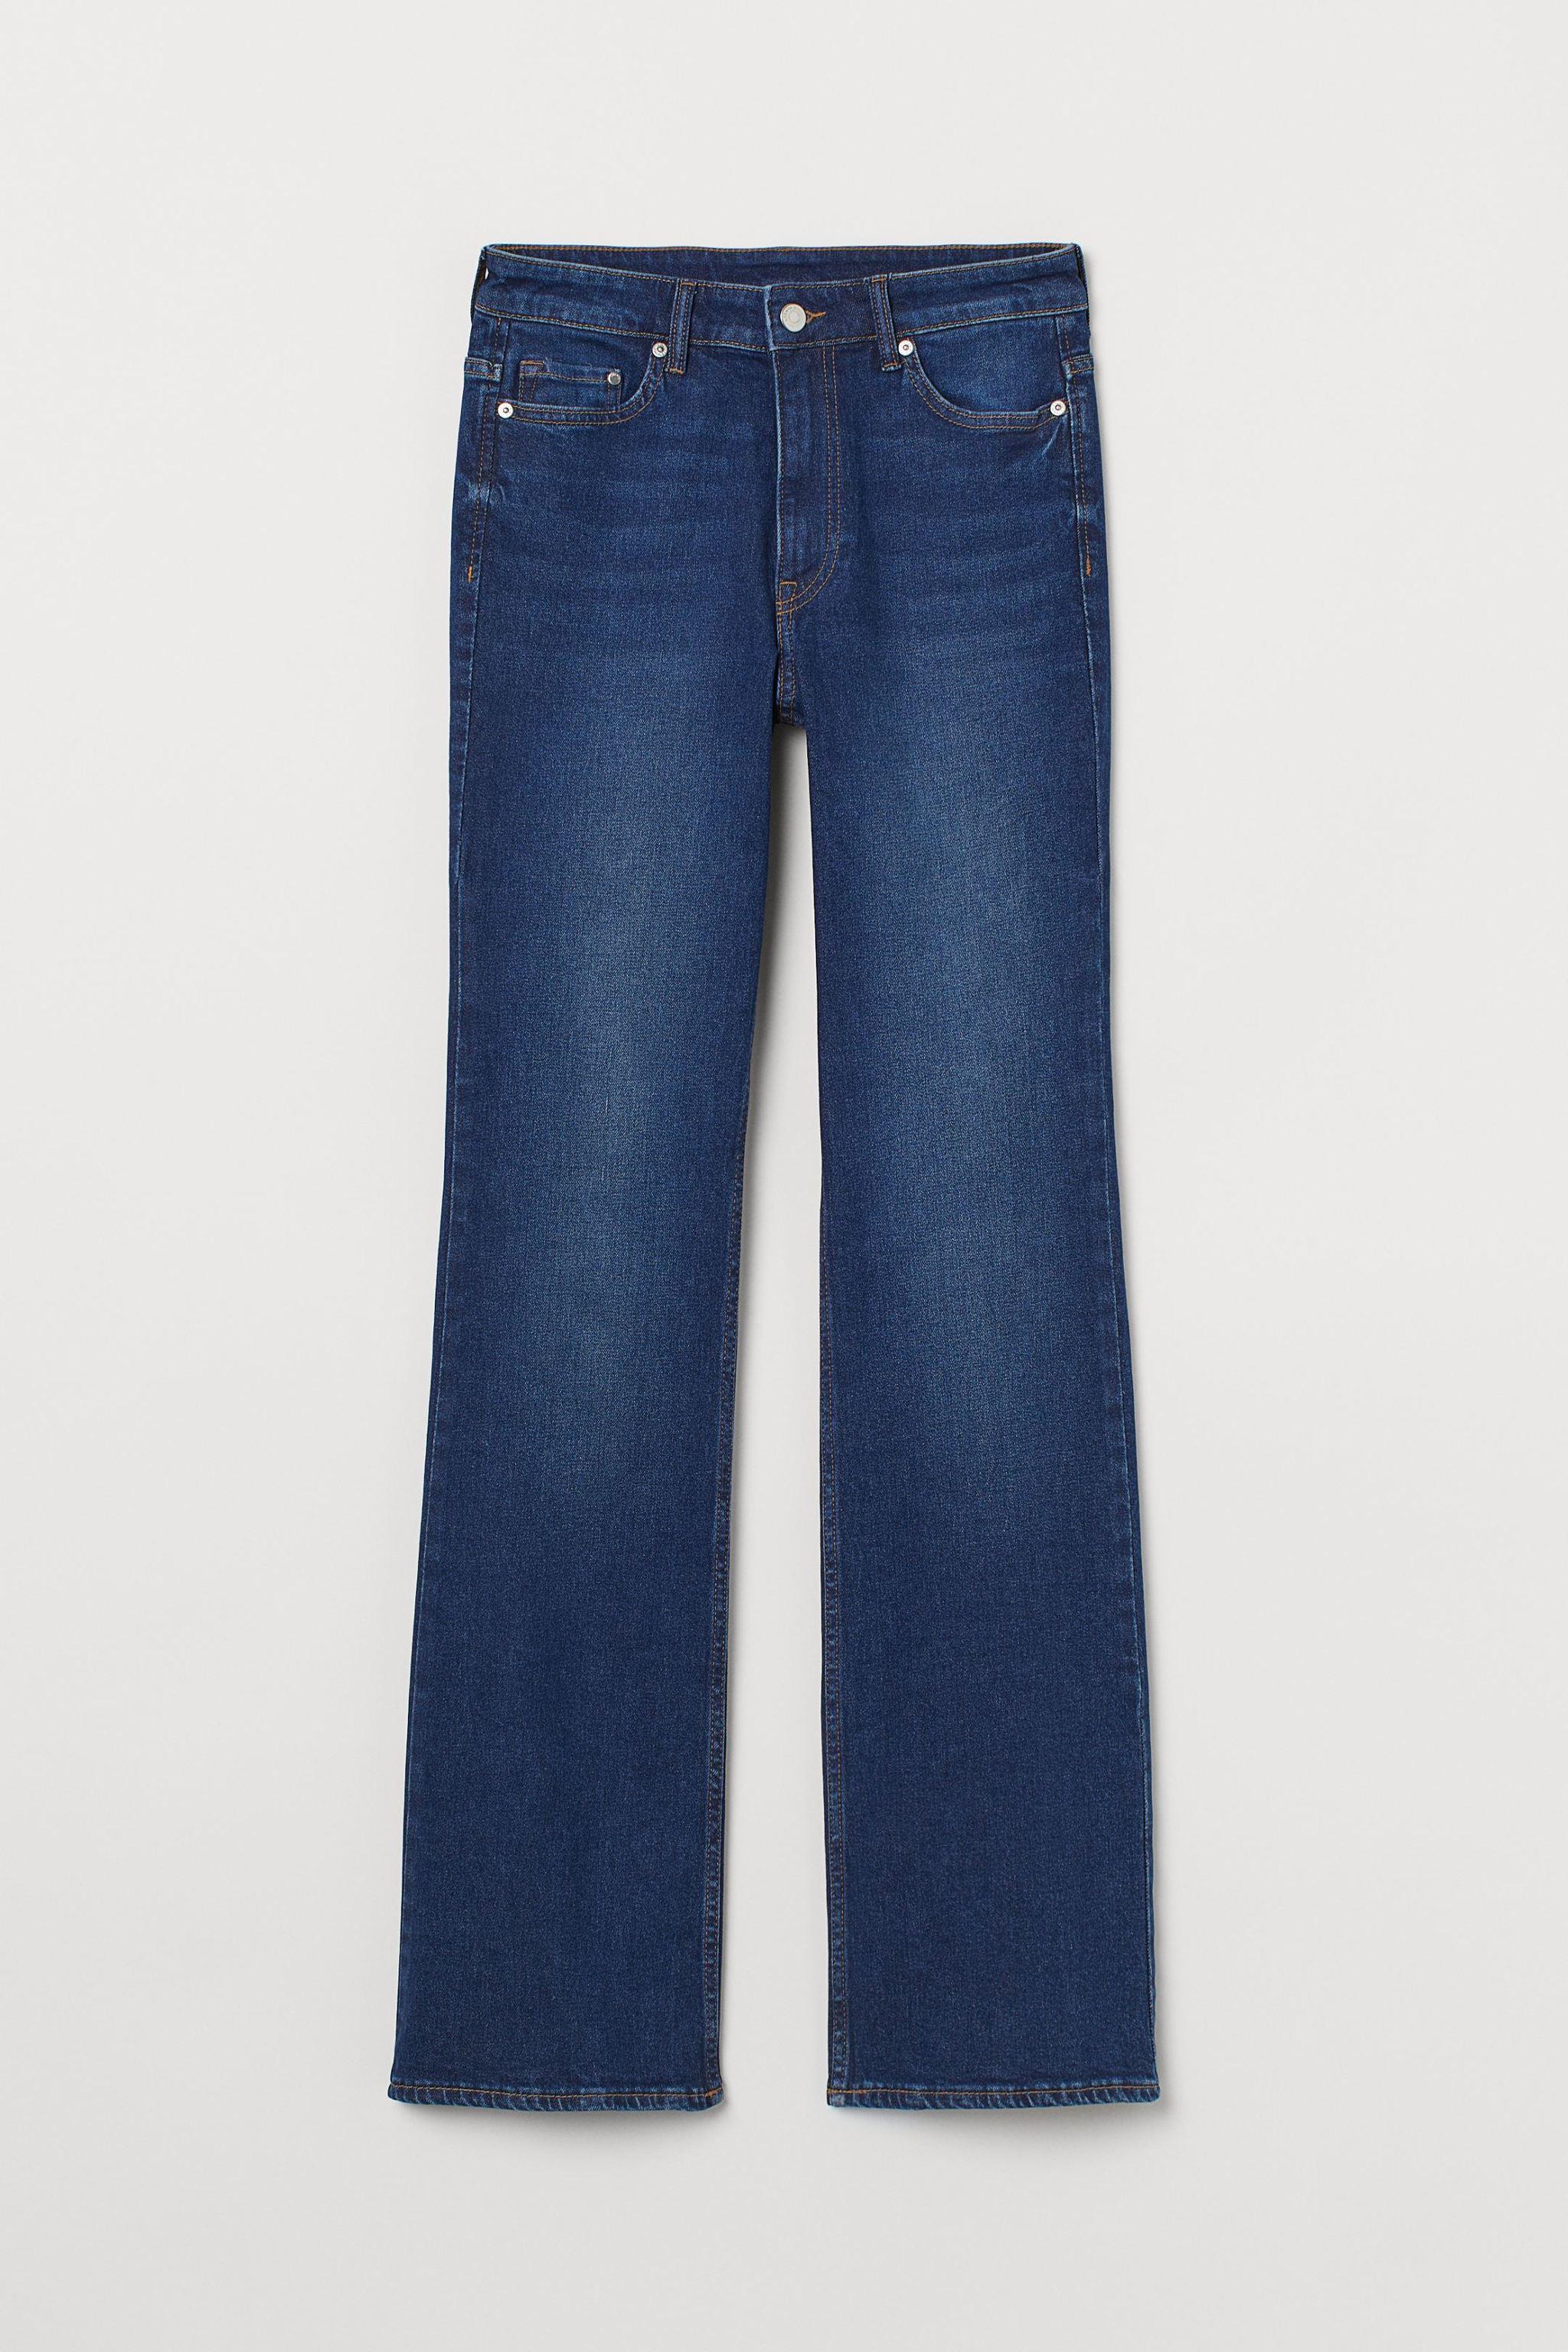 Jeans de H&M (19,99 euros).